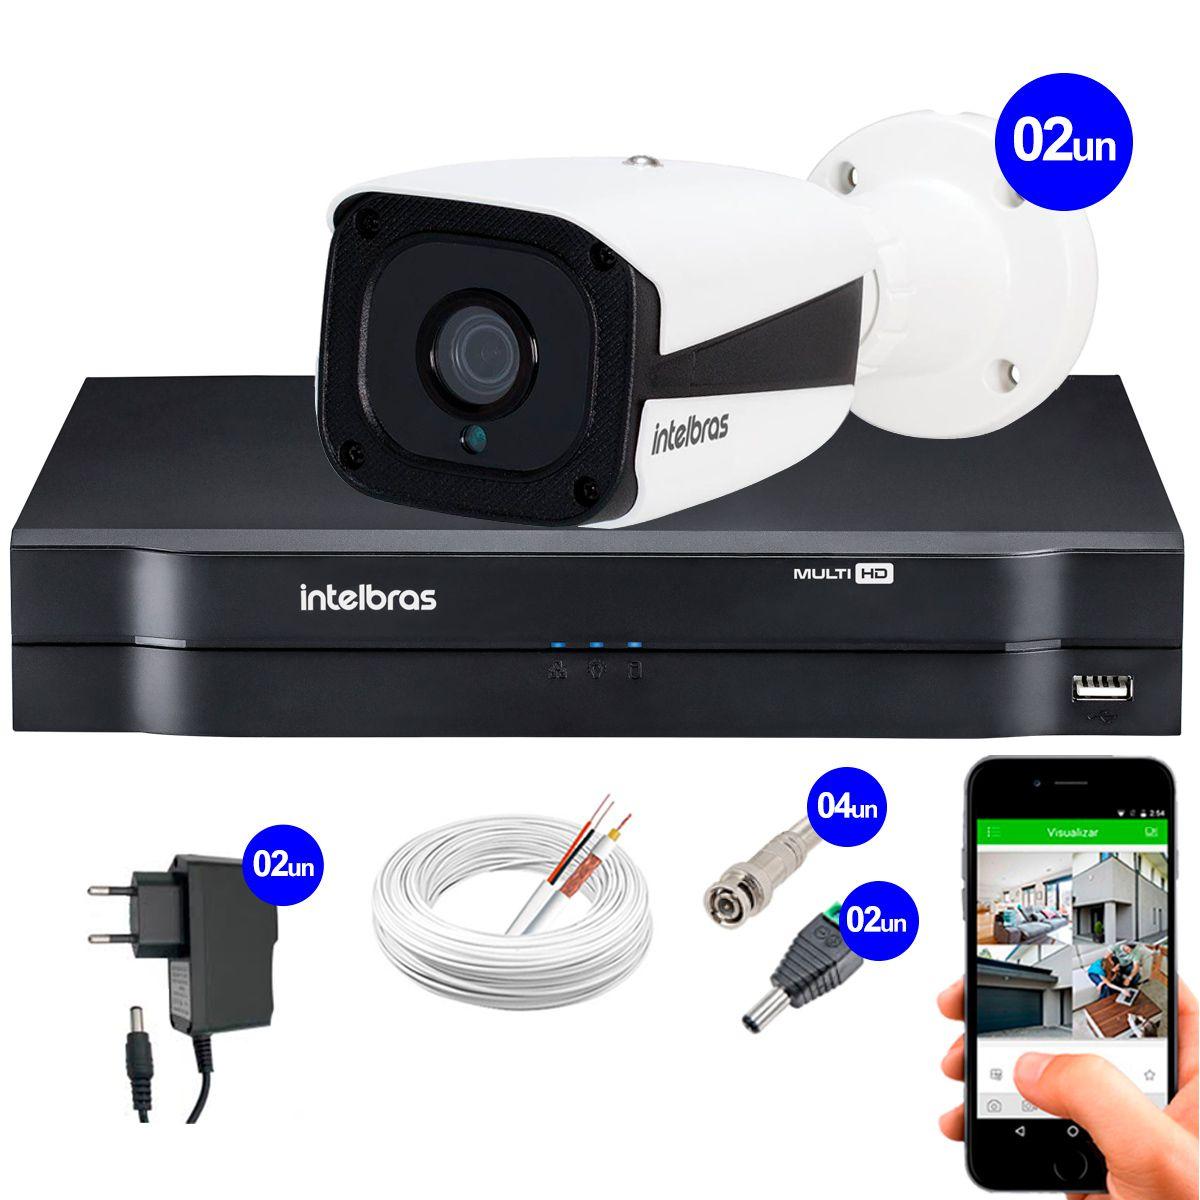 Kit Intelbras 2 Câmeras HD 720p VMH 3130 B + DVR Intelbras + Acessórios  - Tudo Forte